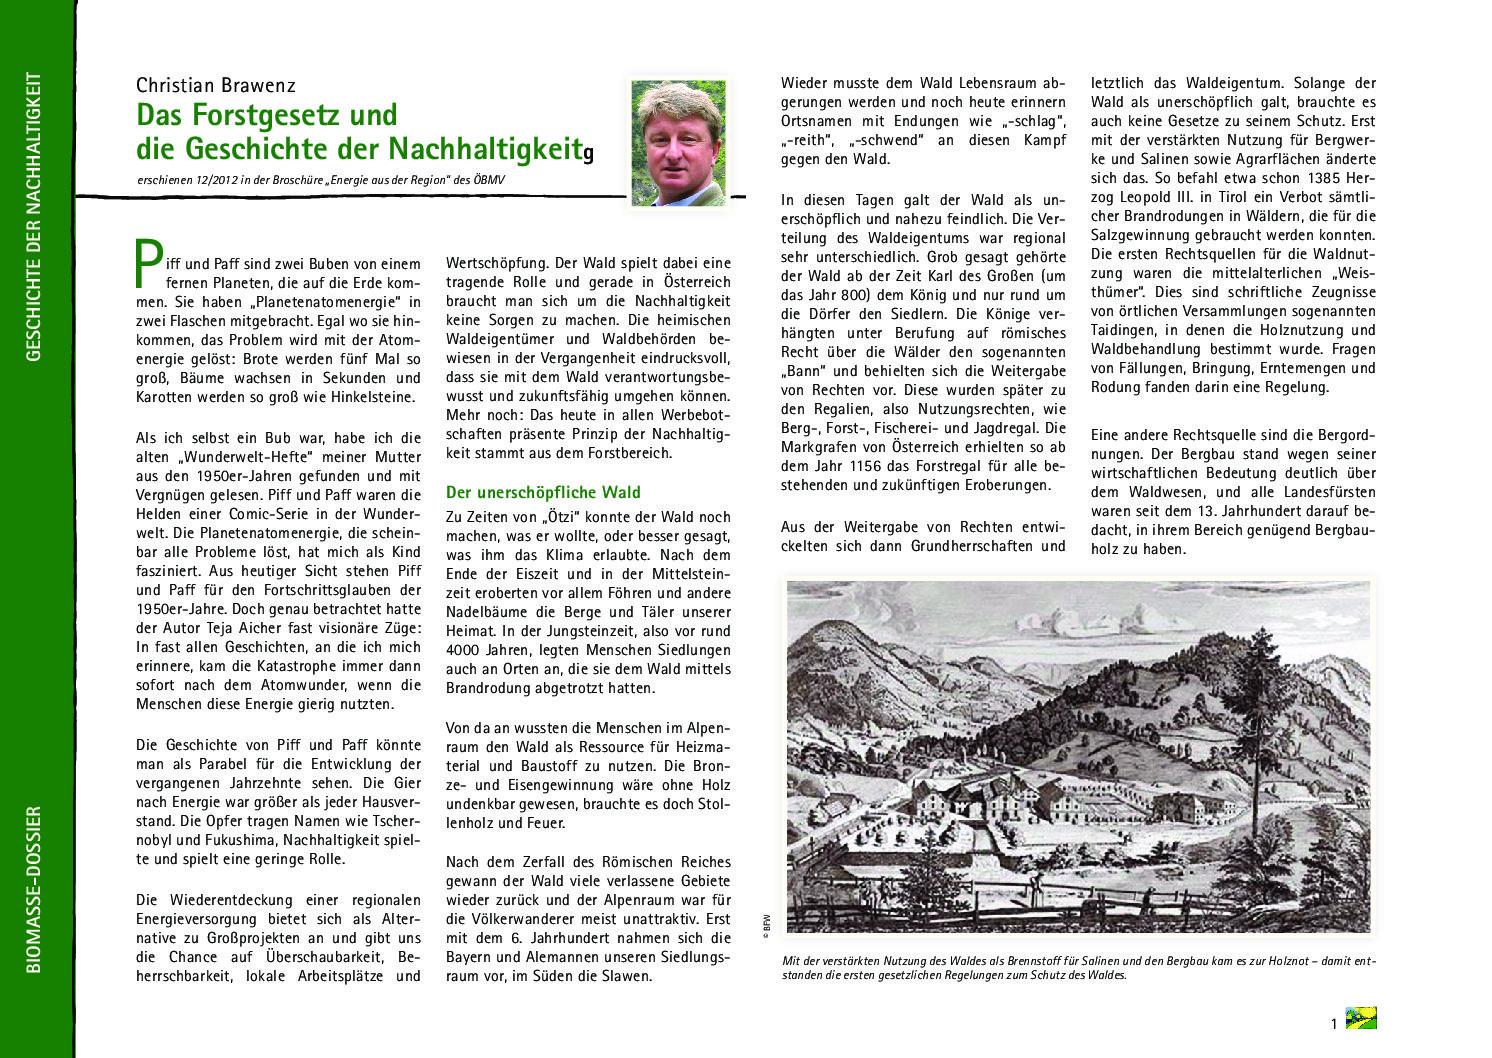 Das Forstgesetz und die Geschichte der Nachhaltigkeit